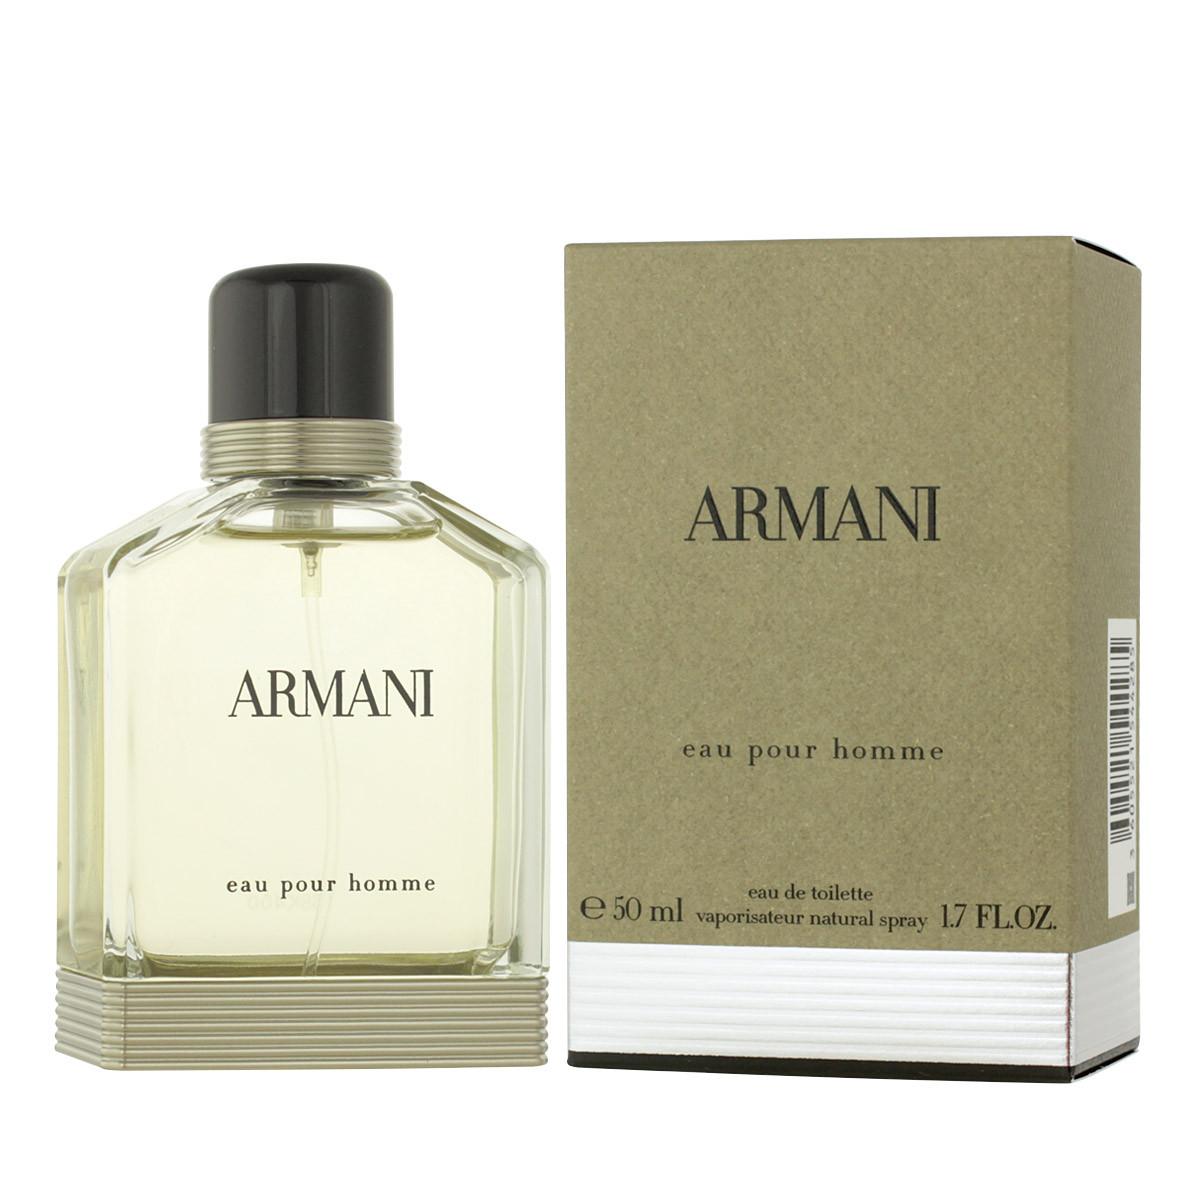 armani giorgio eau pour homme 2013 eau de toilette 50 ml. Black Bedroom Furniture Sets. Home Design Ideas